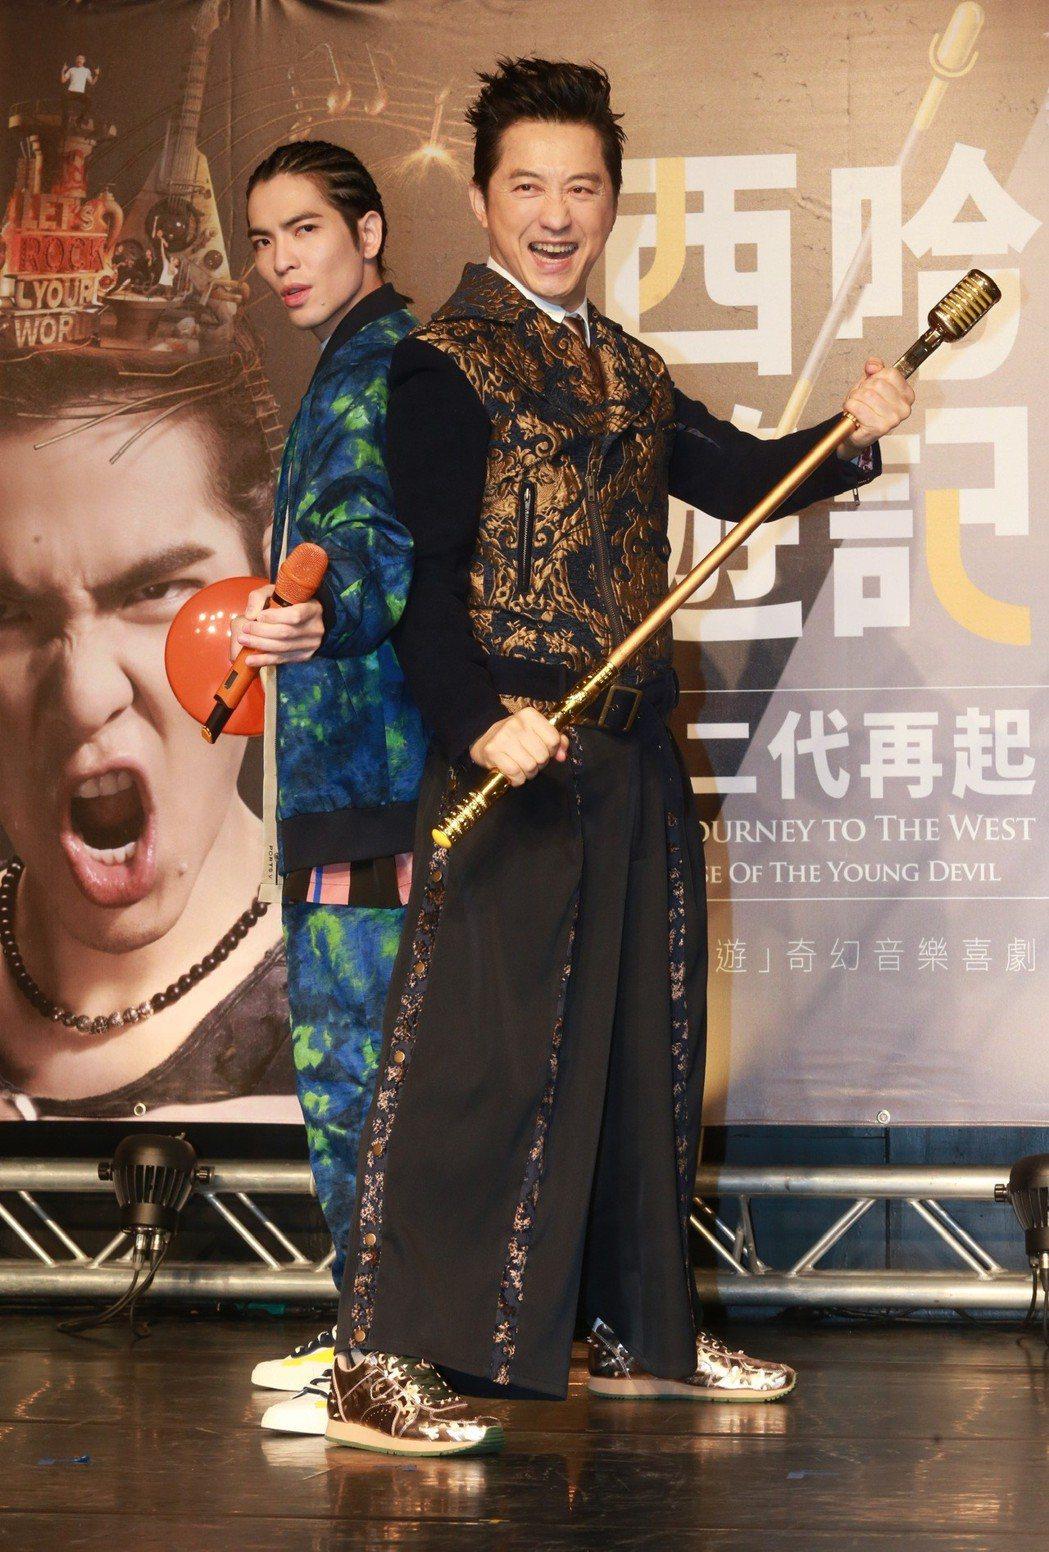 庾澄慶、蕭敬騰領銜主演的「後西遊」奇幻音樂喜劇「西哈遊記-魔二代再起」。記者黃義...